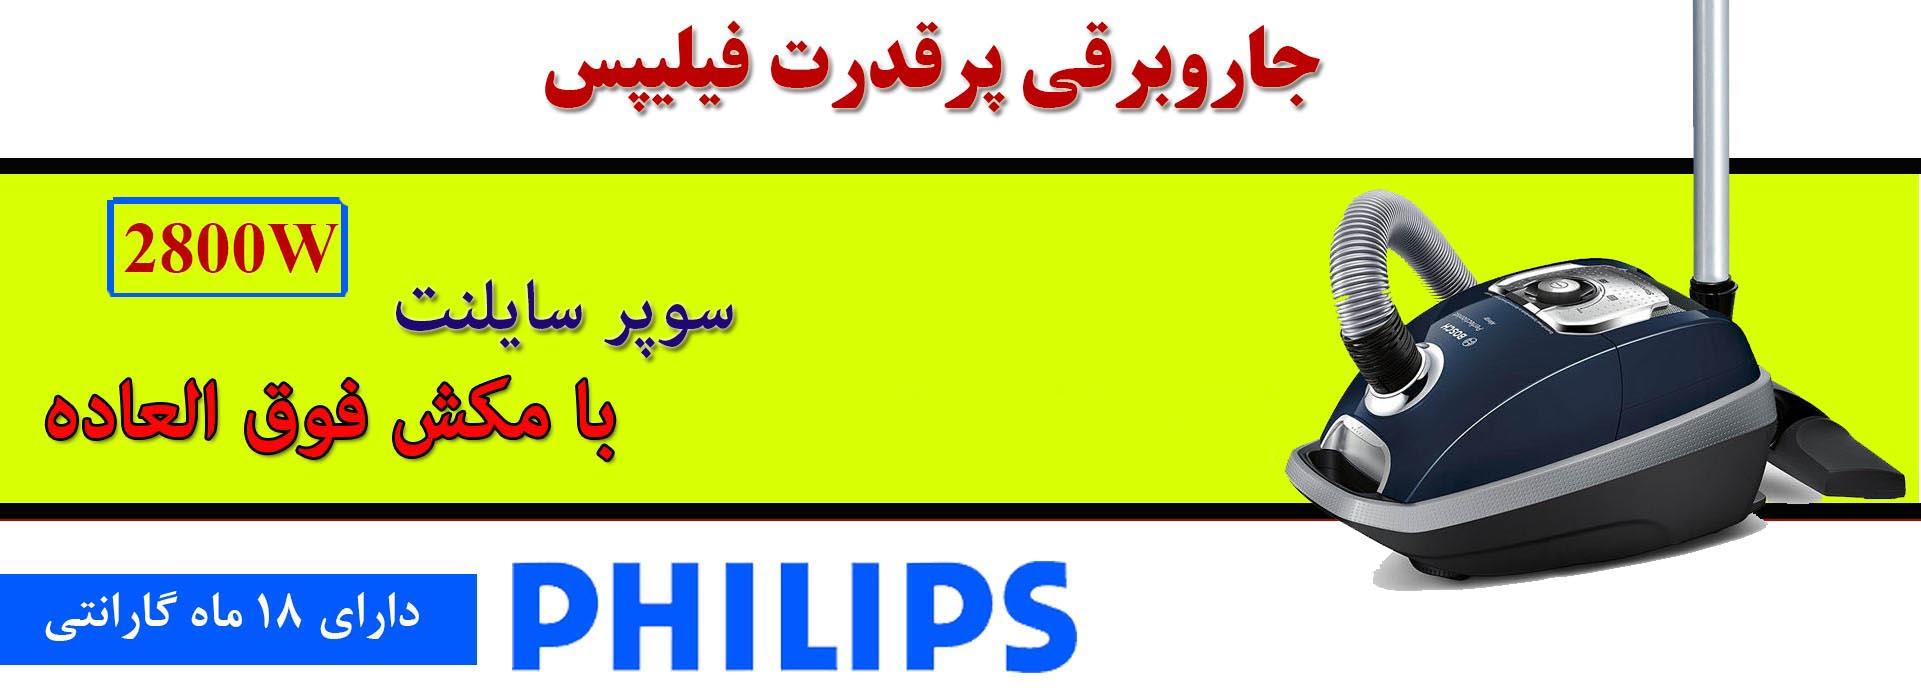 جاروبرقی فیلیپس